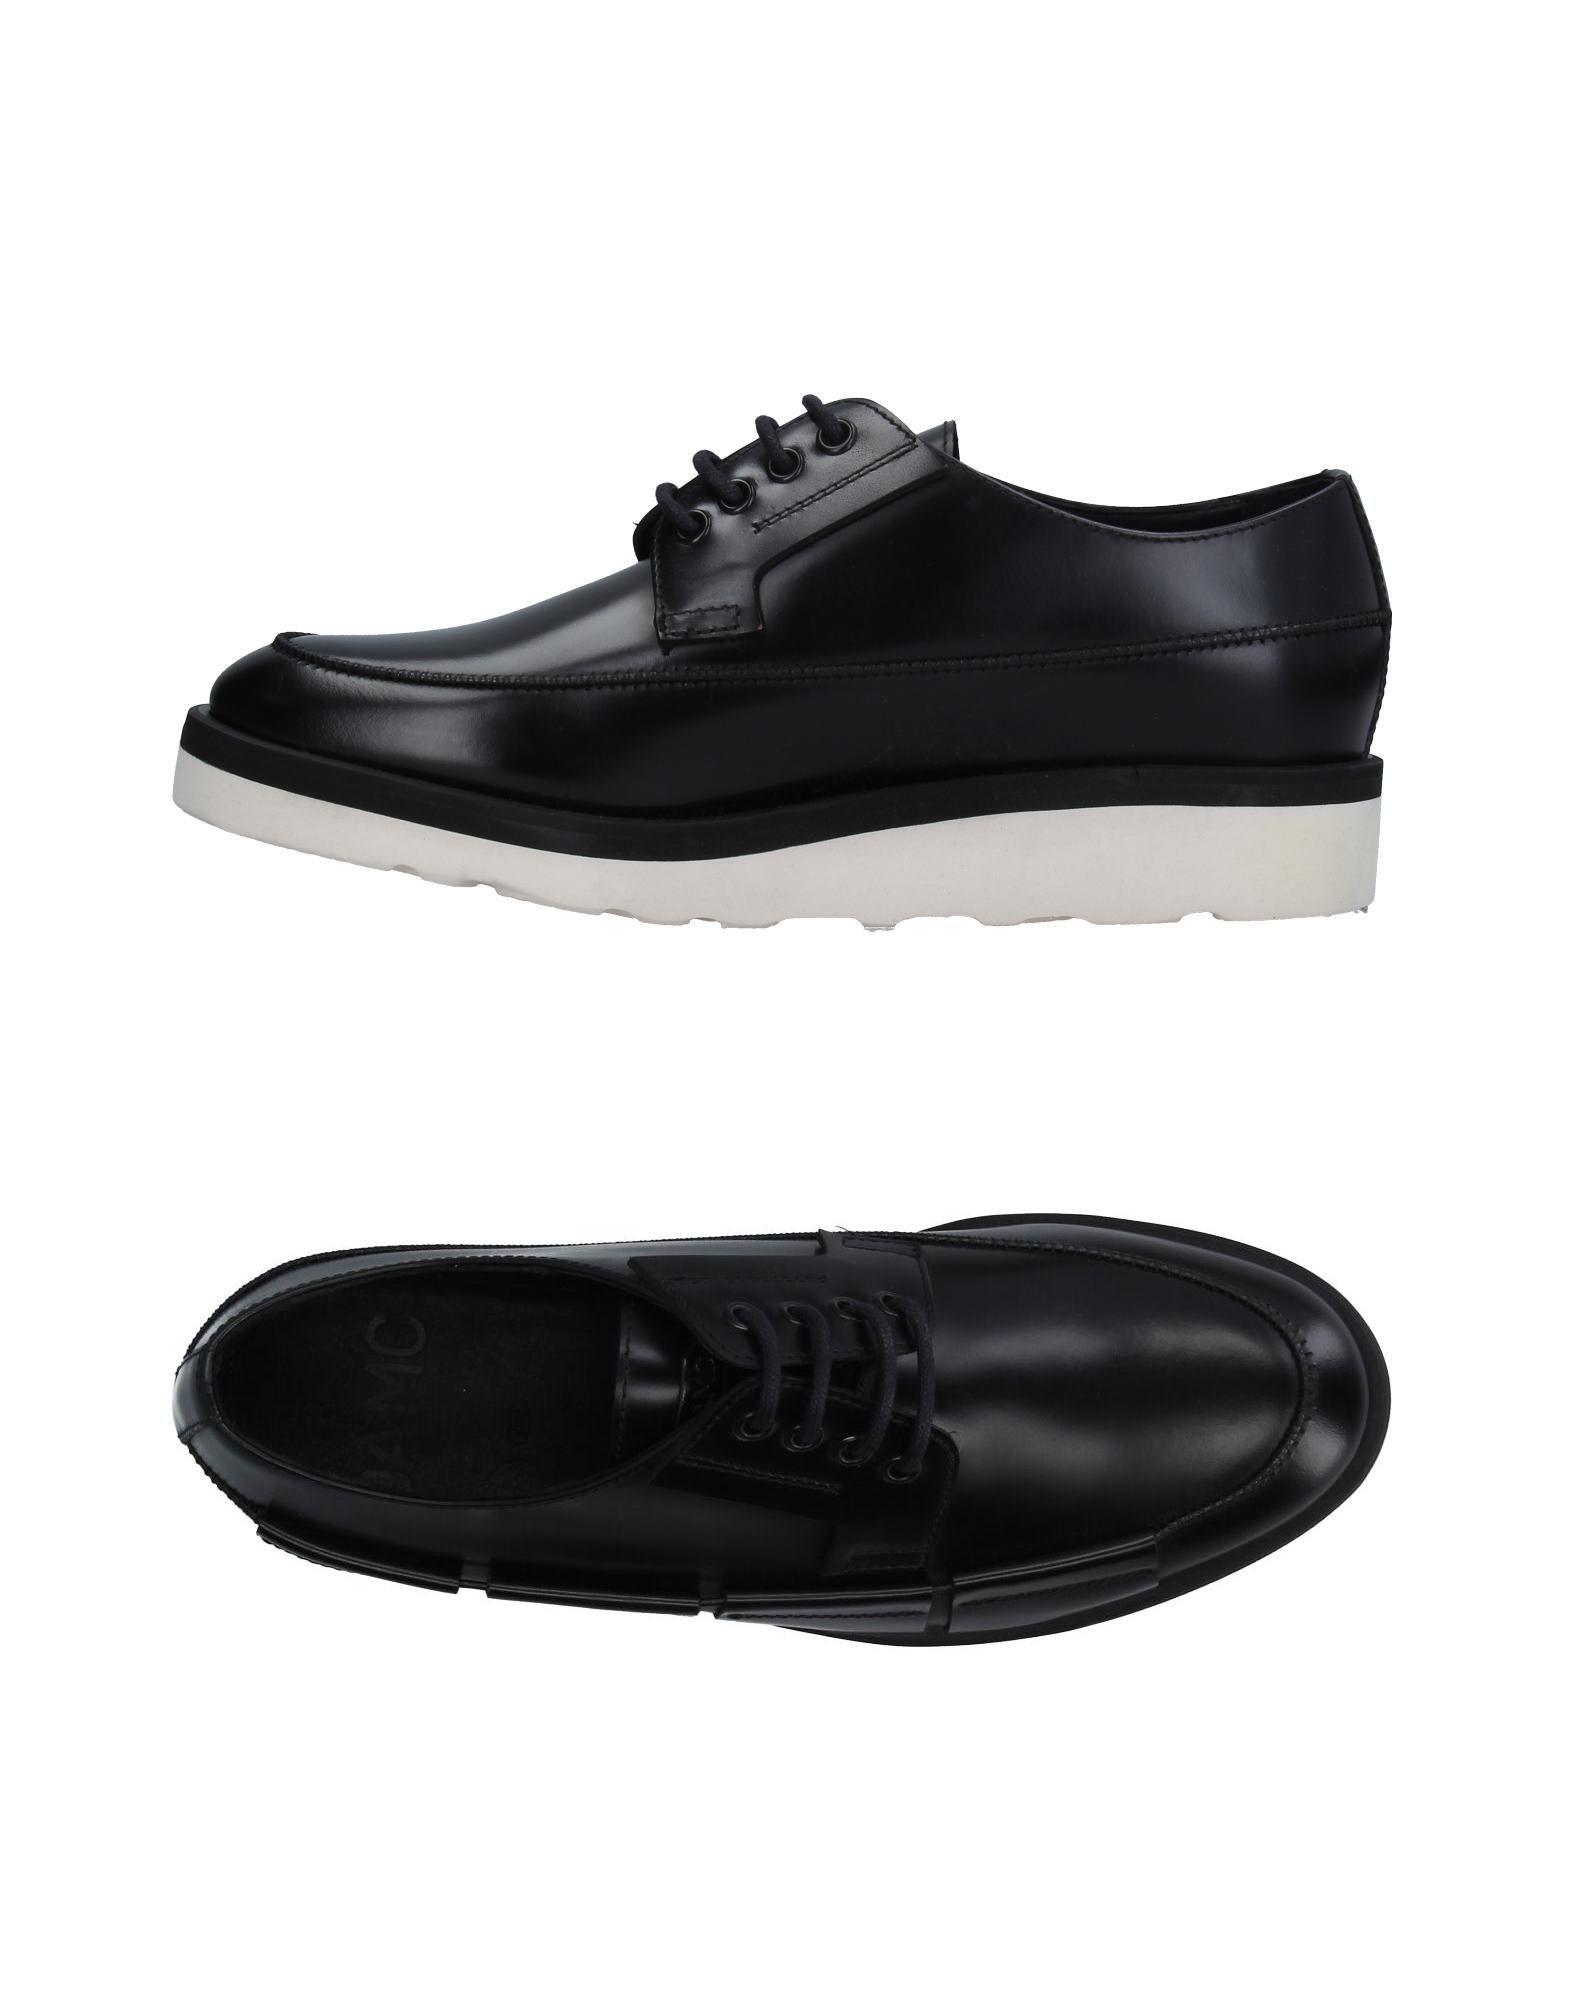 OAMC Обувь на шнурках ateliers heschung x oamc обувь на шнурках